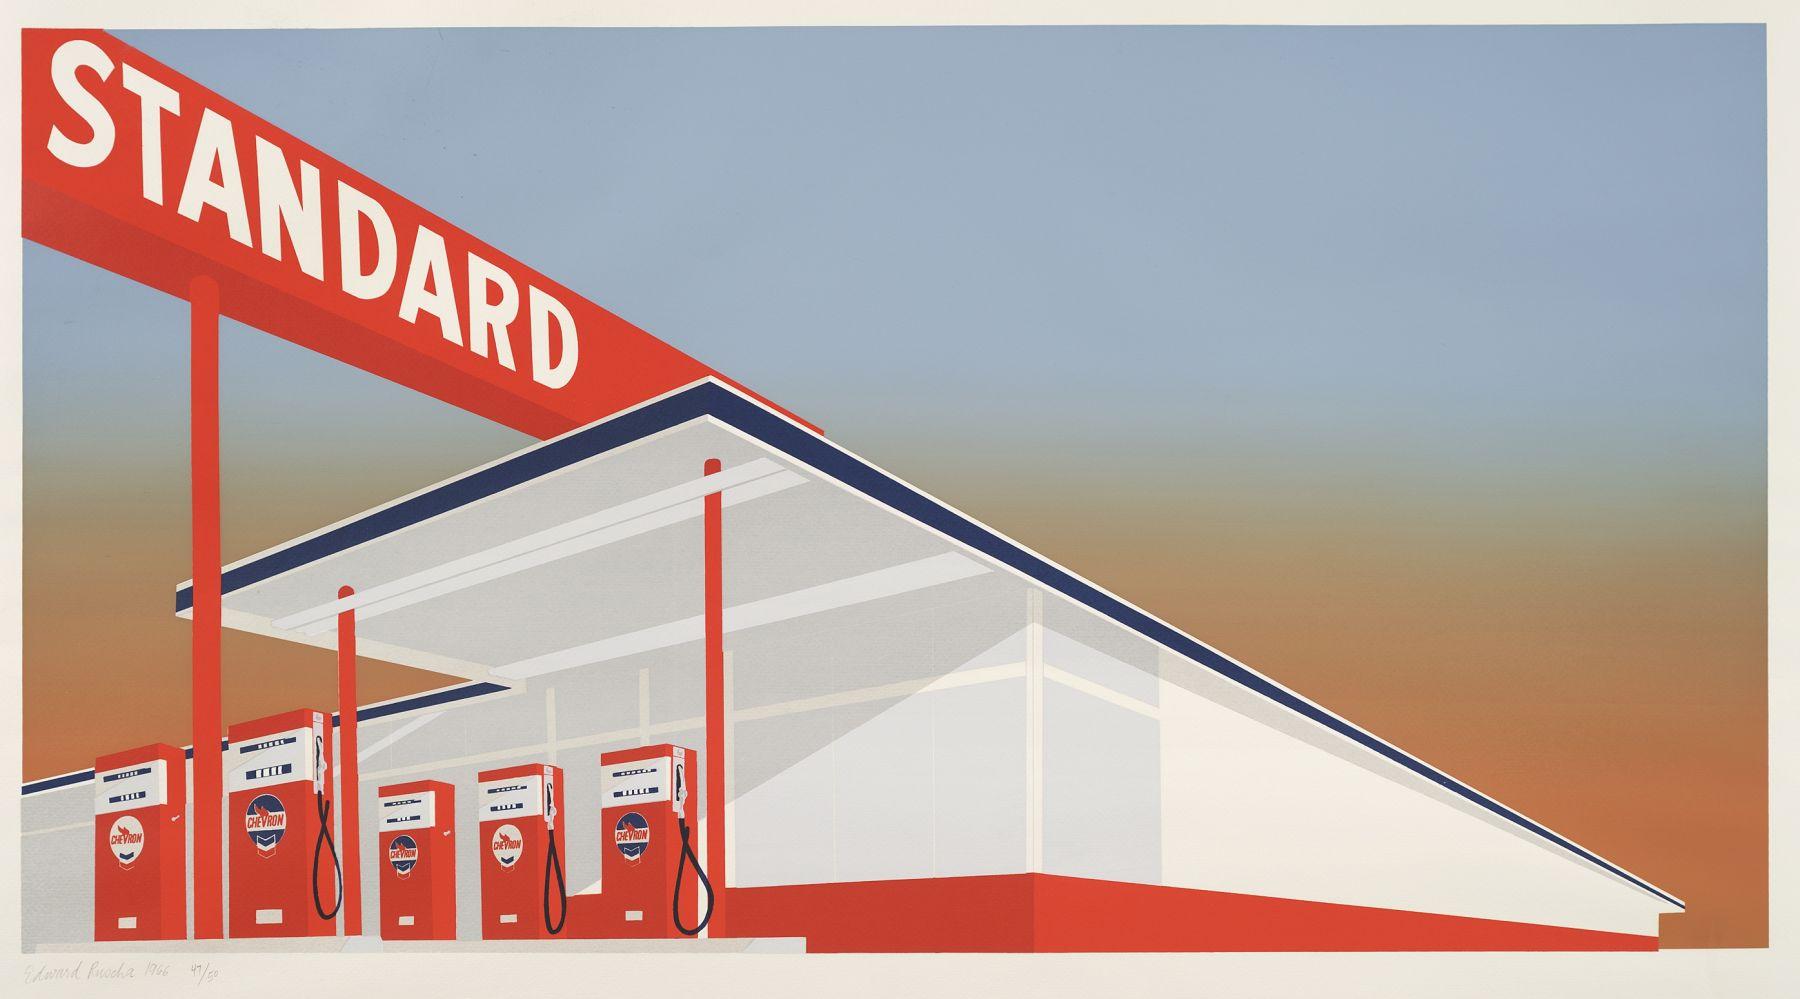 Edward Ruscha Standard Station, 1966